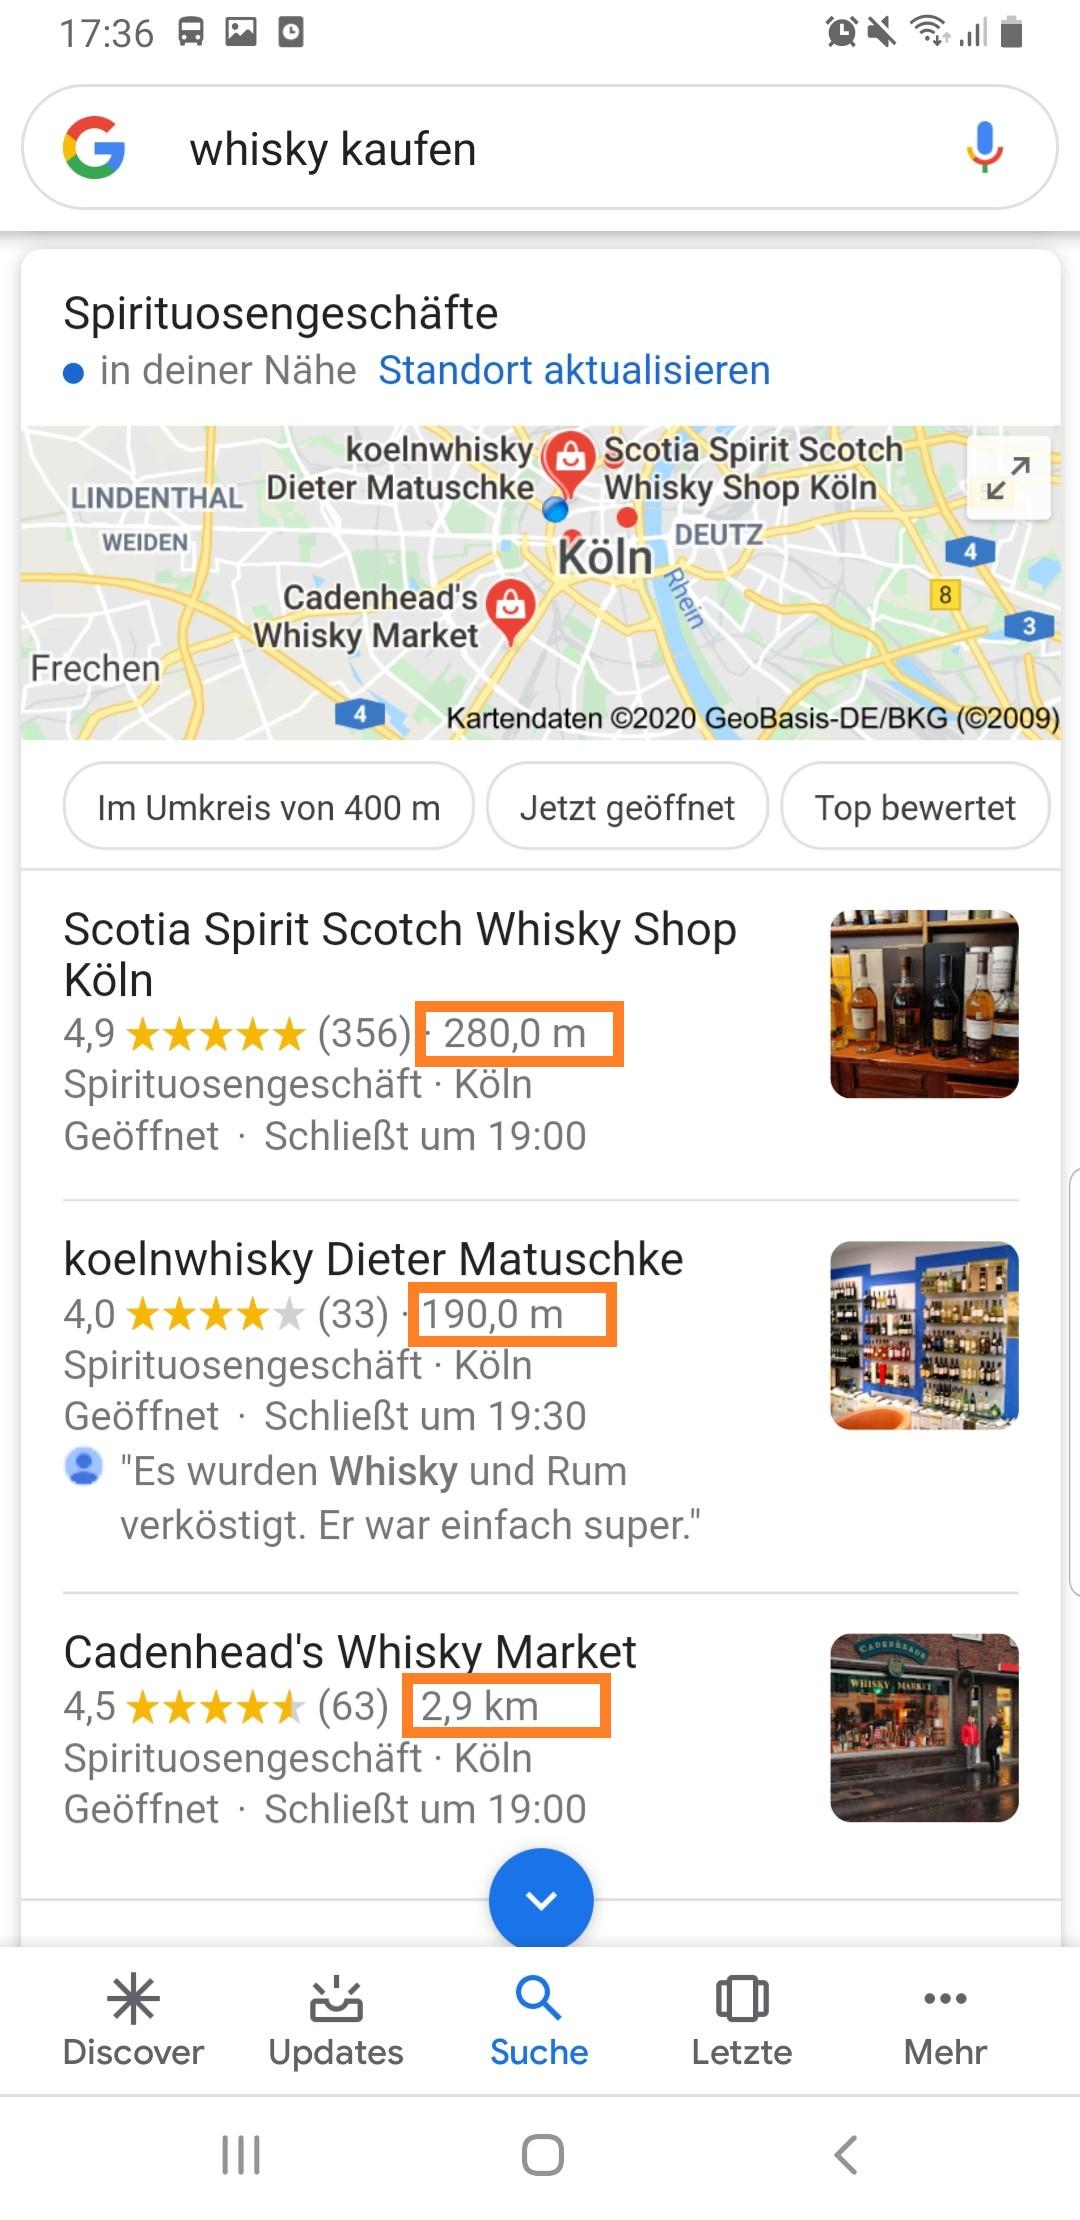 """Das """"Local Pack"""" (3 Google My Business-Einträge) zum Keyword """"Whisky kaufen"""" mit Ergebnissen in unmittelbarer Nähe"""